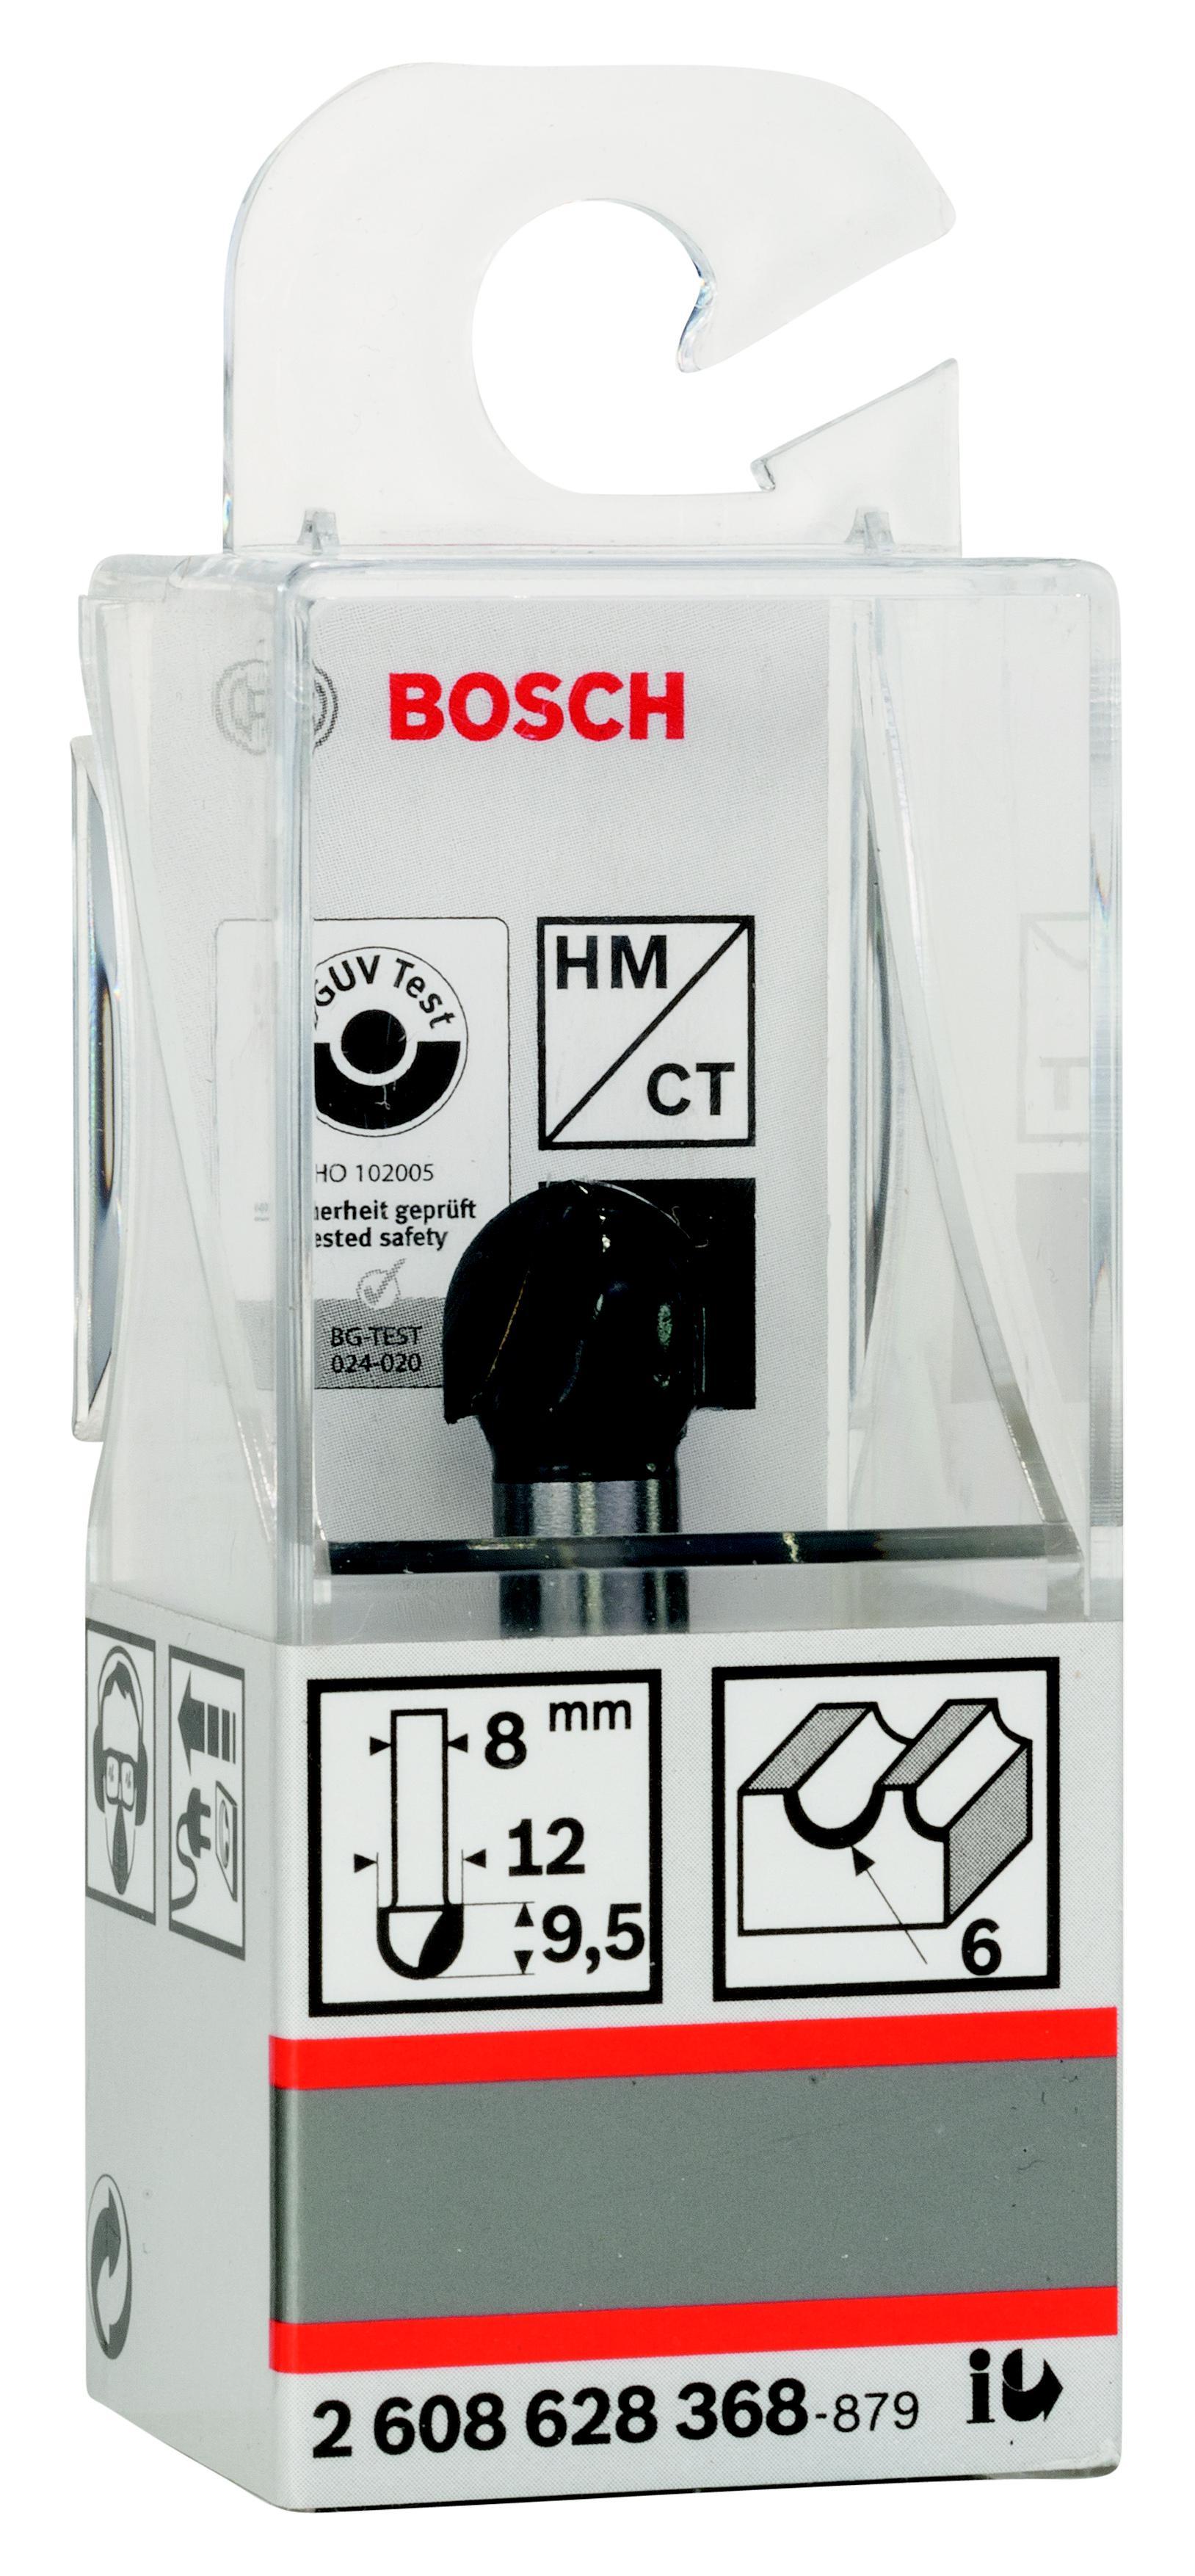 Фреза Bosch галтельная 6/9.5/8 (2.608.628.368)